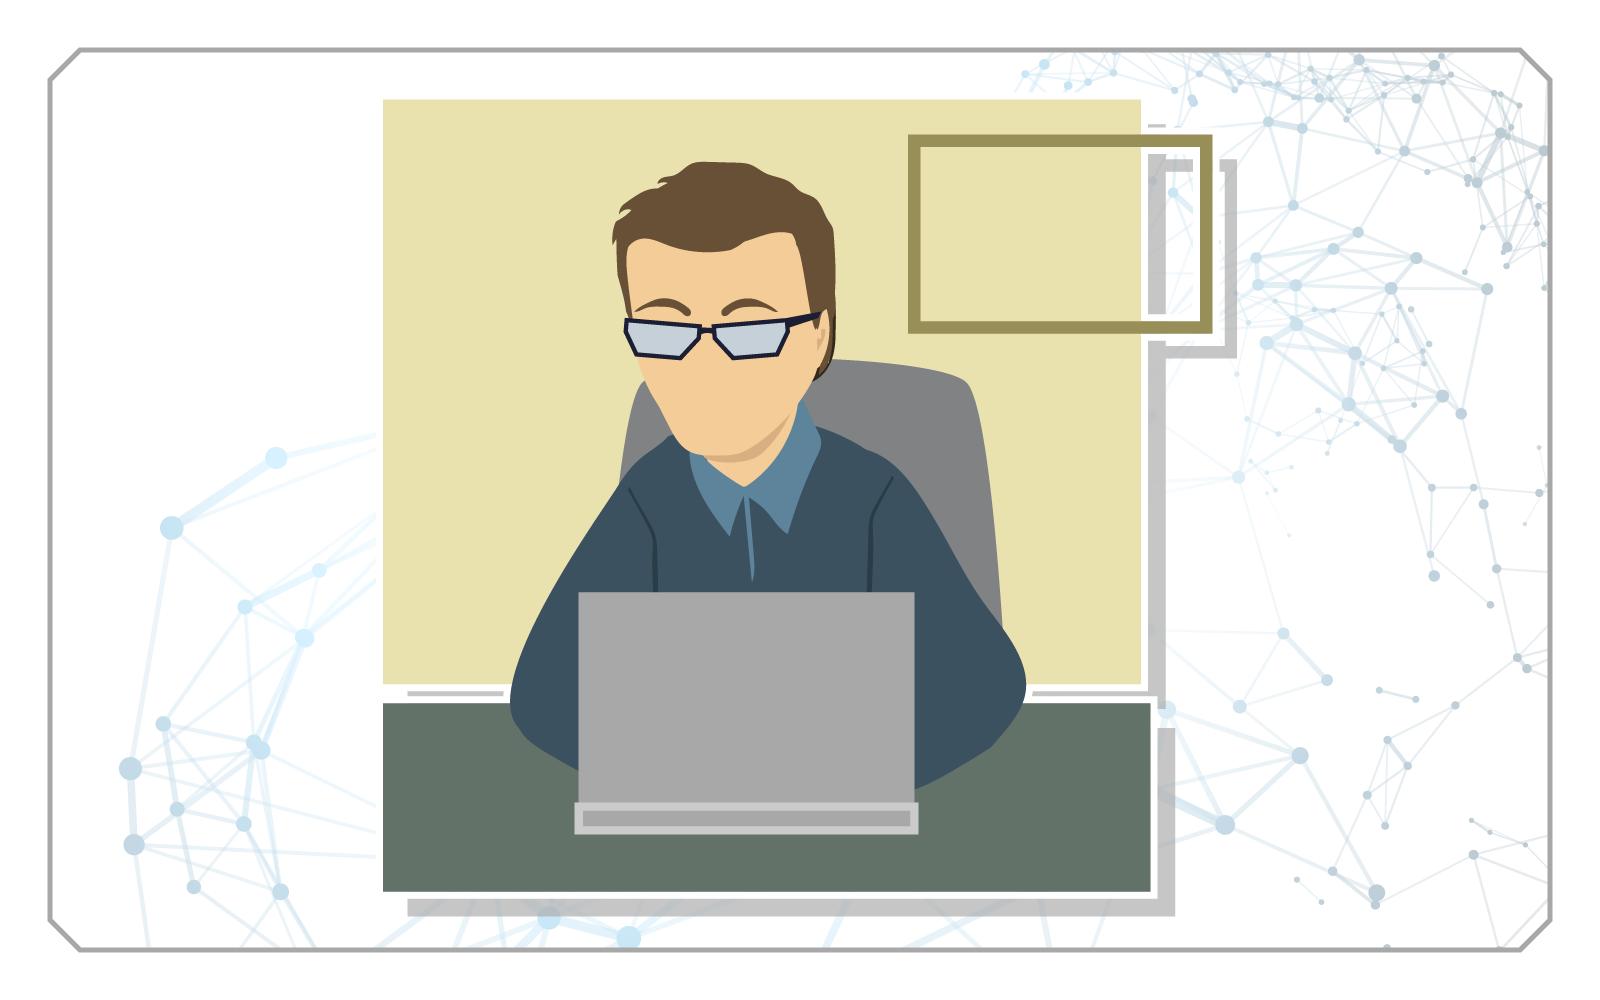 Digitālās prasmes mācību procesa nodrošināšanai